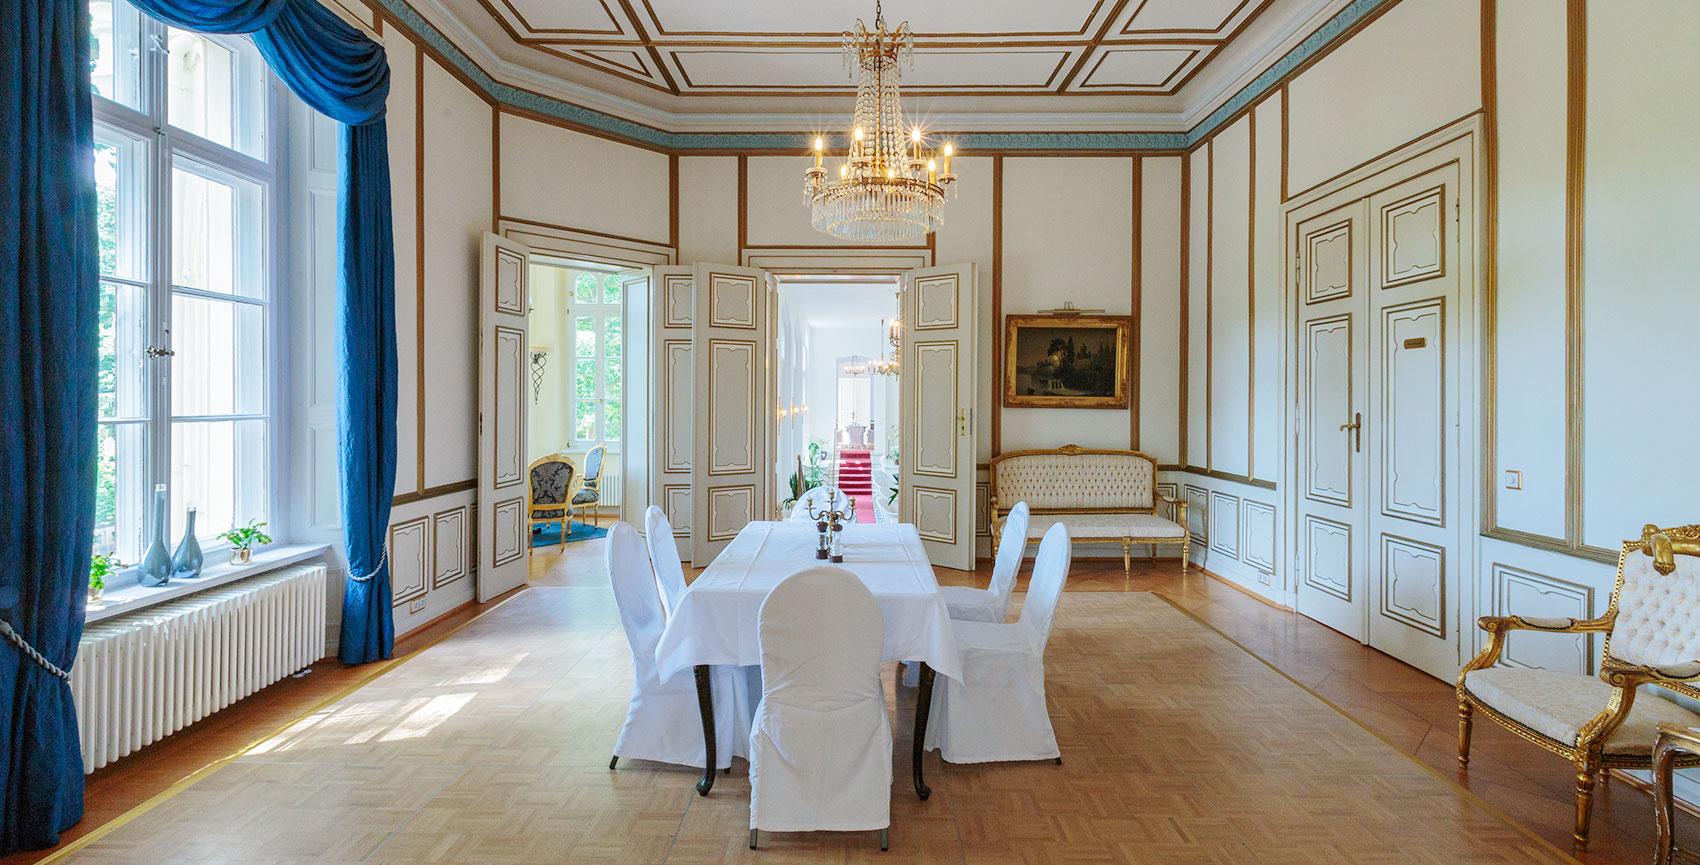 Räume & Flächen | Schloss-Hotel Kittendorf